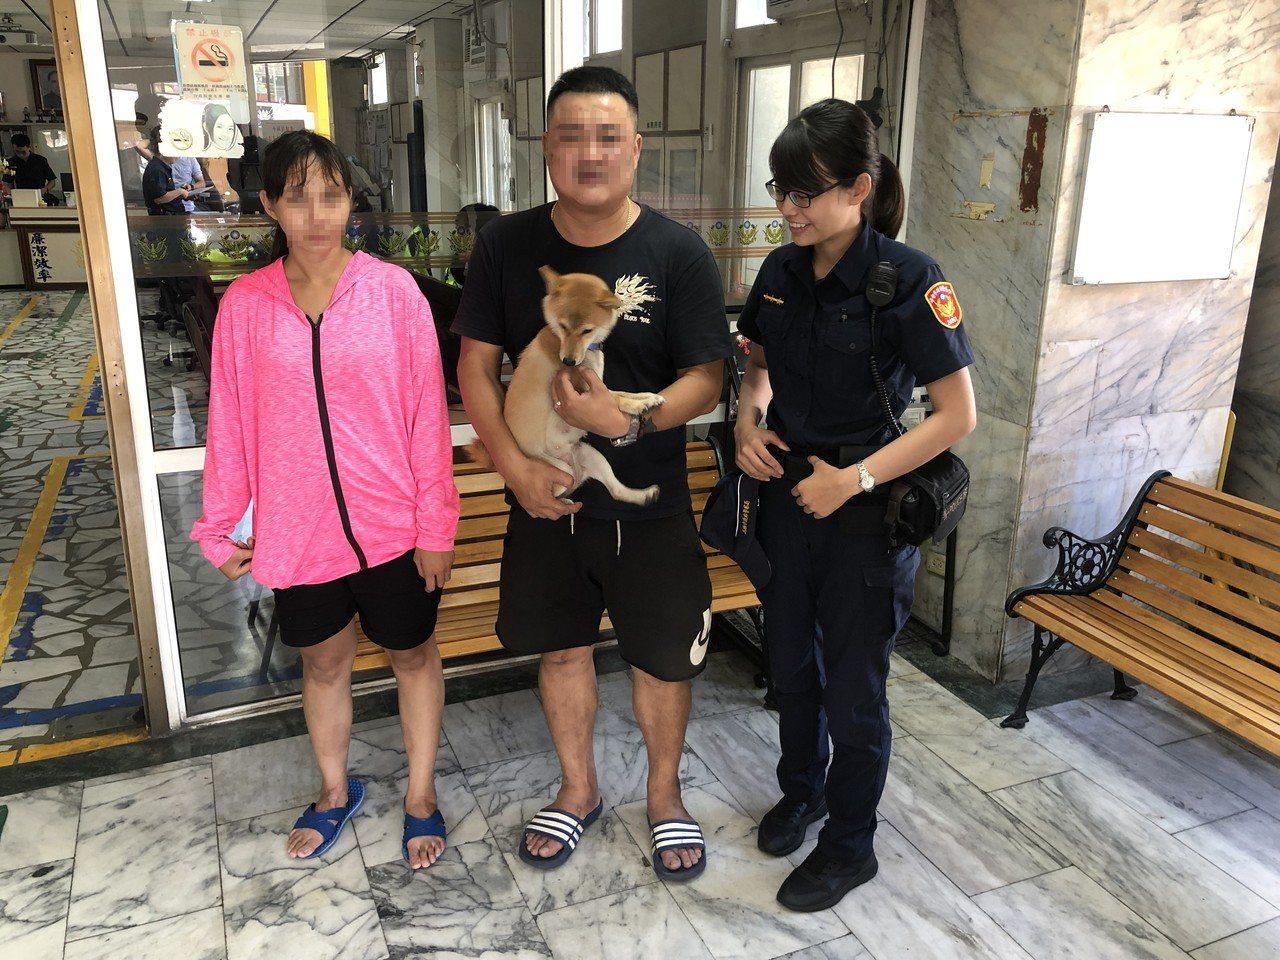 高雄鳳山警分局五甲所接獲民眾抱著1隻柴犬到派出所報案;因柴犬脖子上掛著項圈,員警...